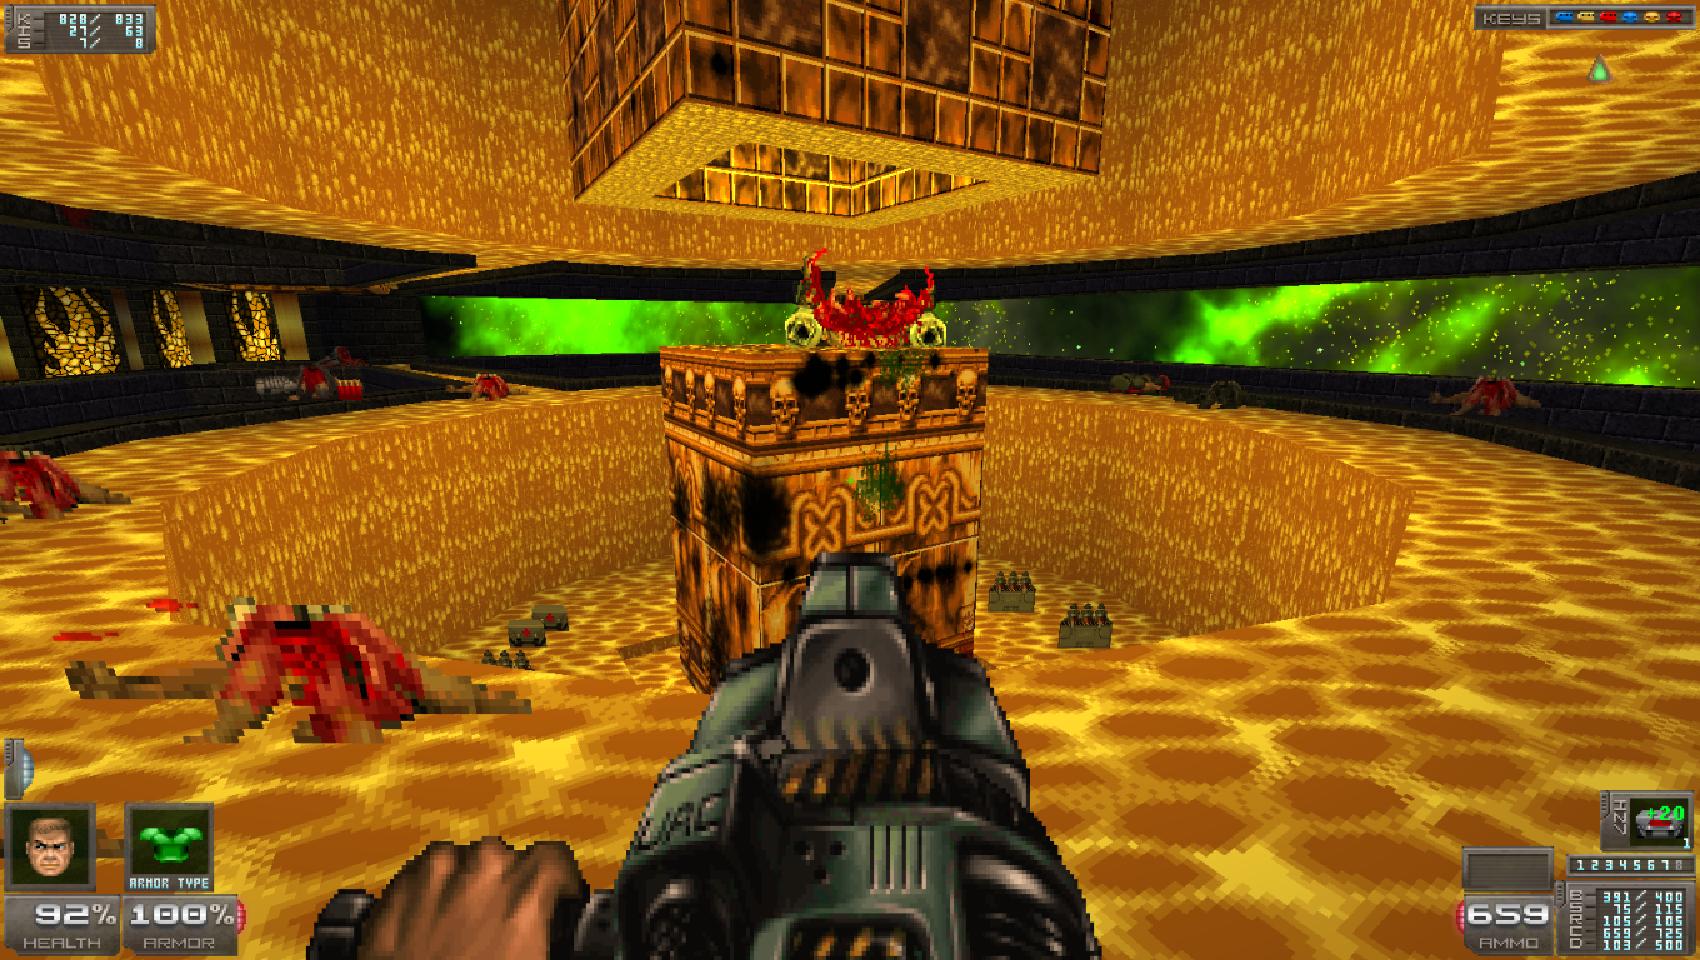 Screenshot_Doom_20200530_113014.png.270bb295f51405f512e641009cf9c9d5.png